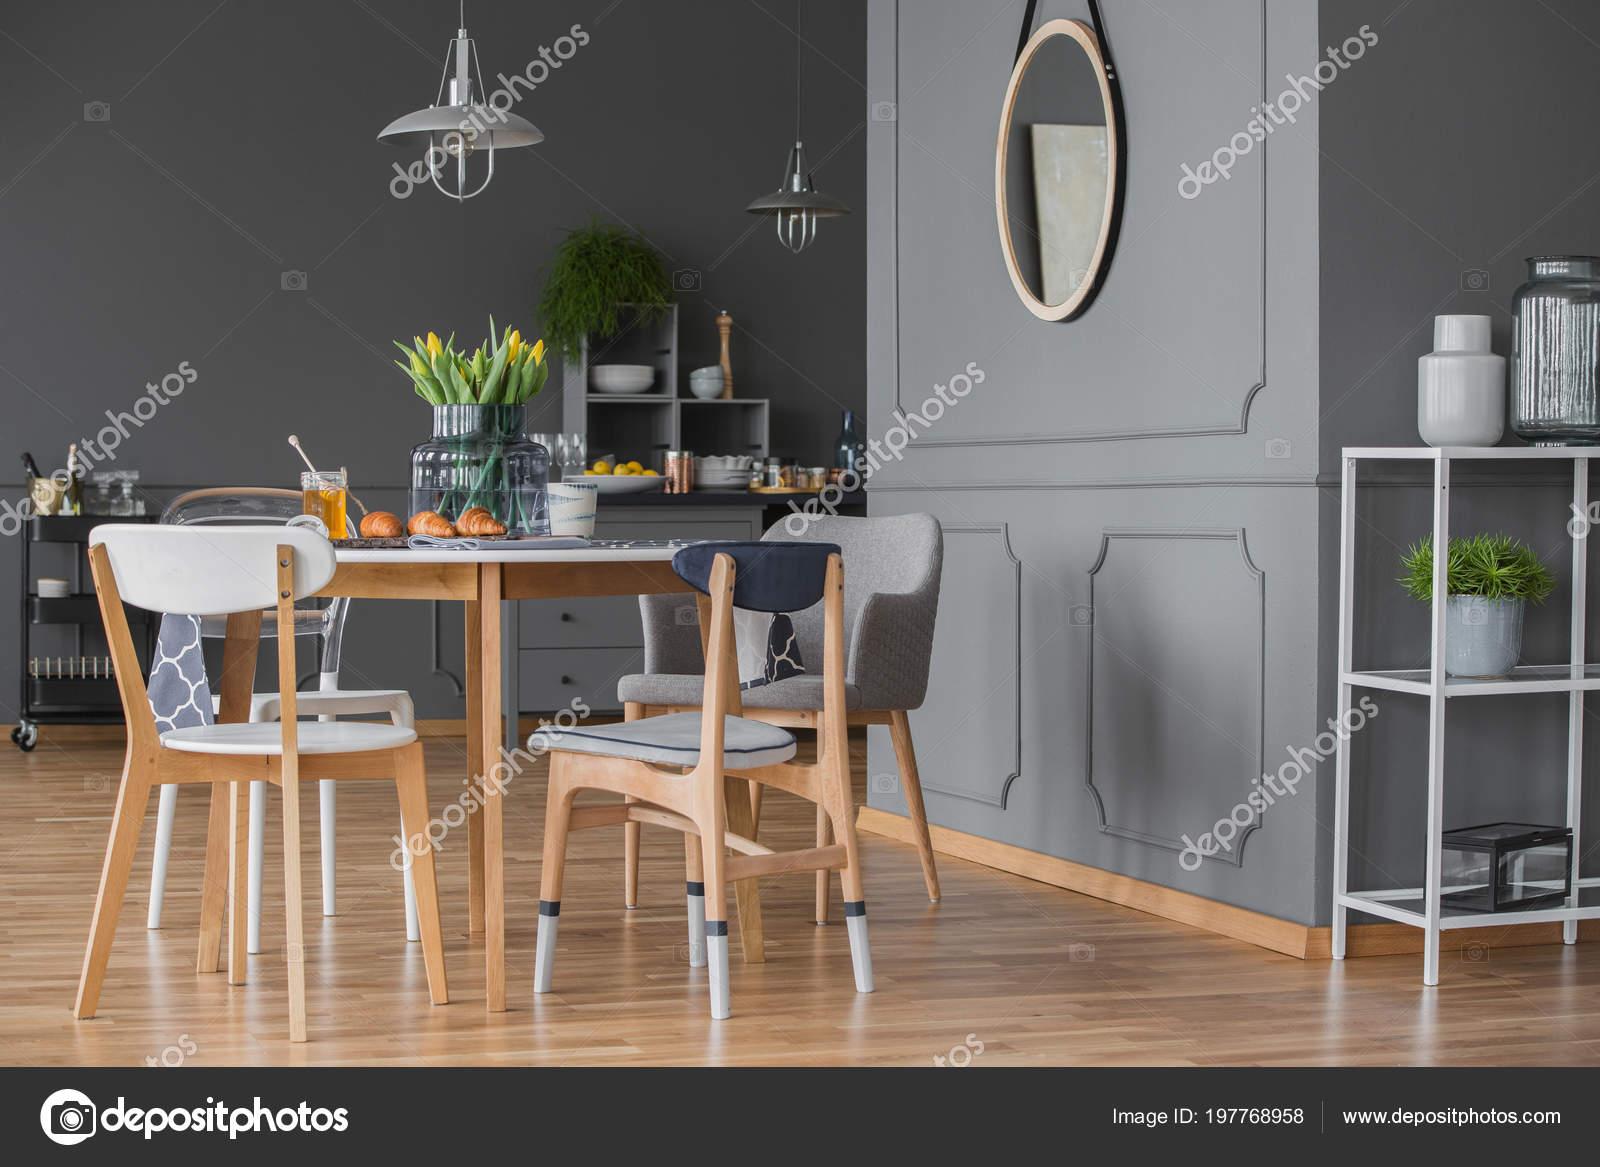 Zijaanzicht van grijze keuken interieur met een eettafel stoelen